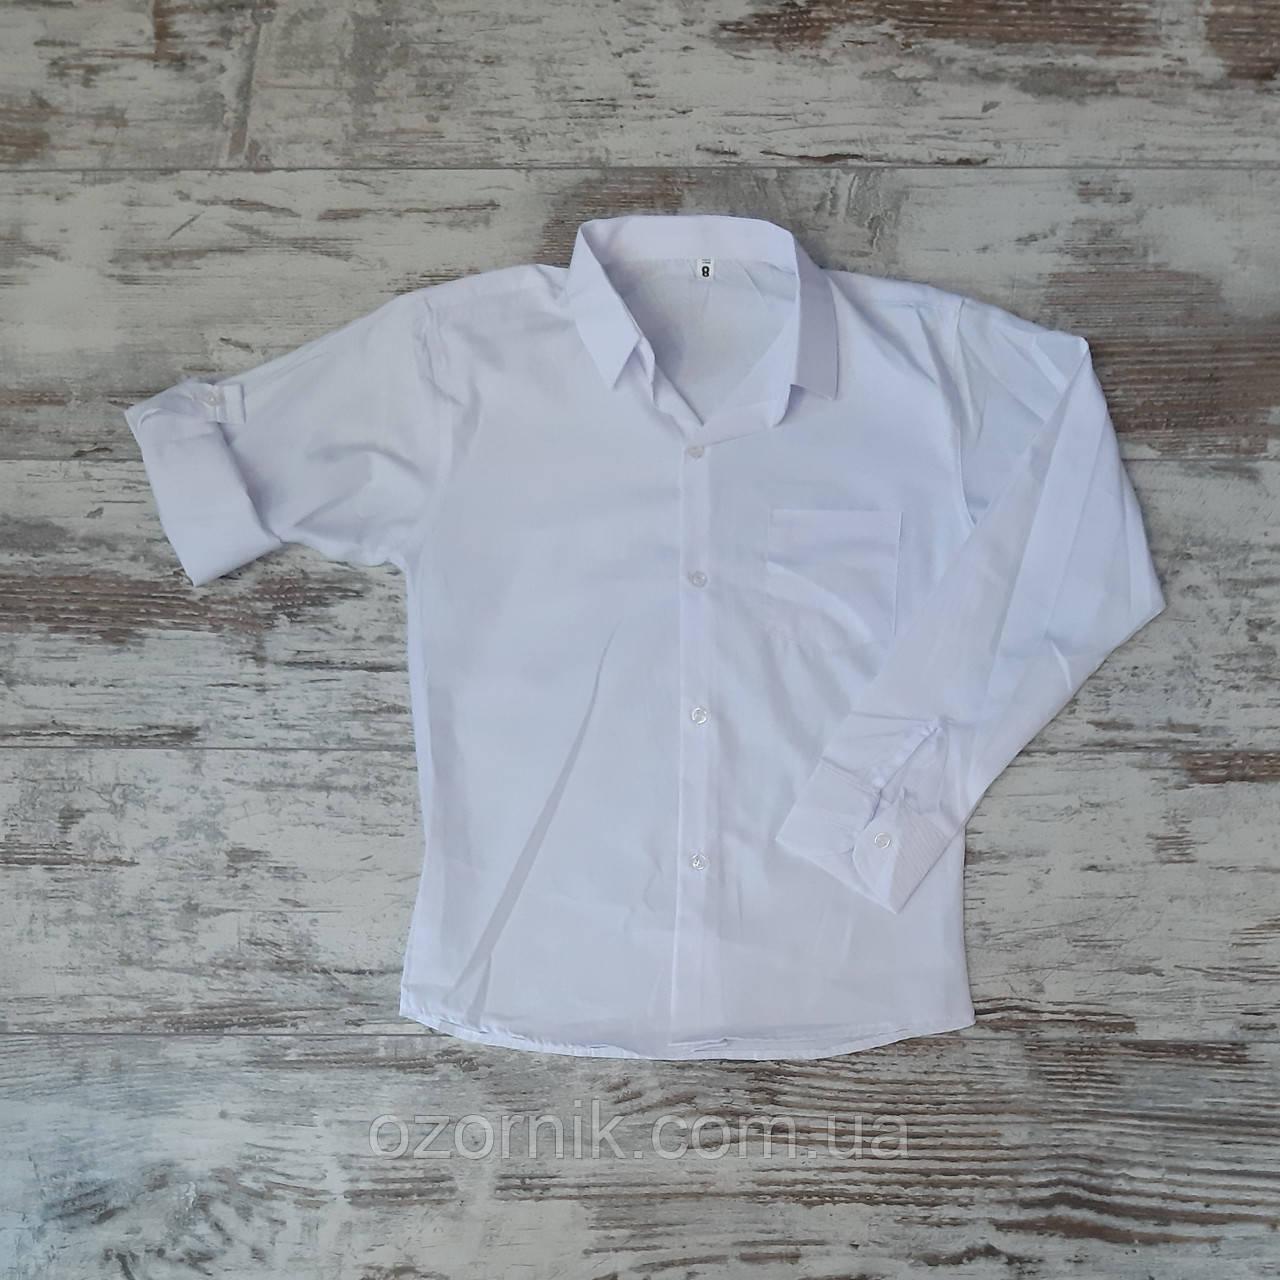 Оптом Детская Белая Рубашка 2-5 лет Турция